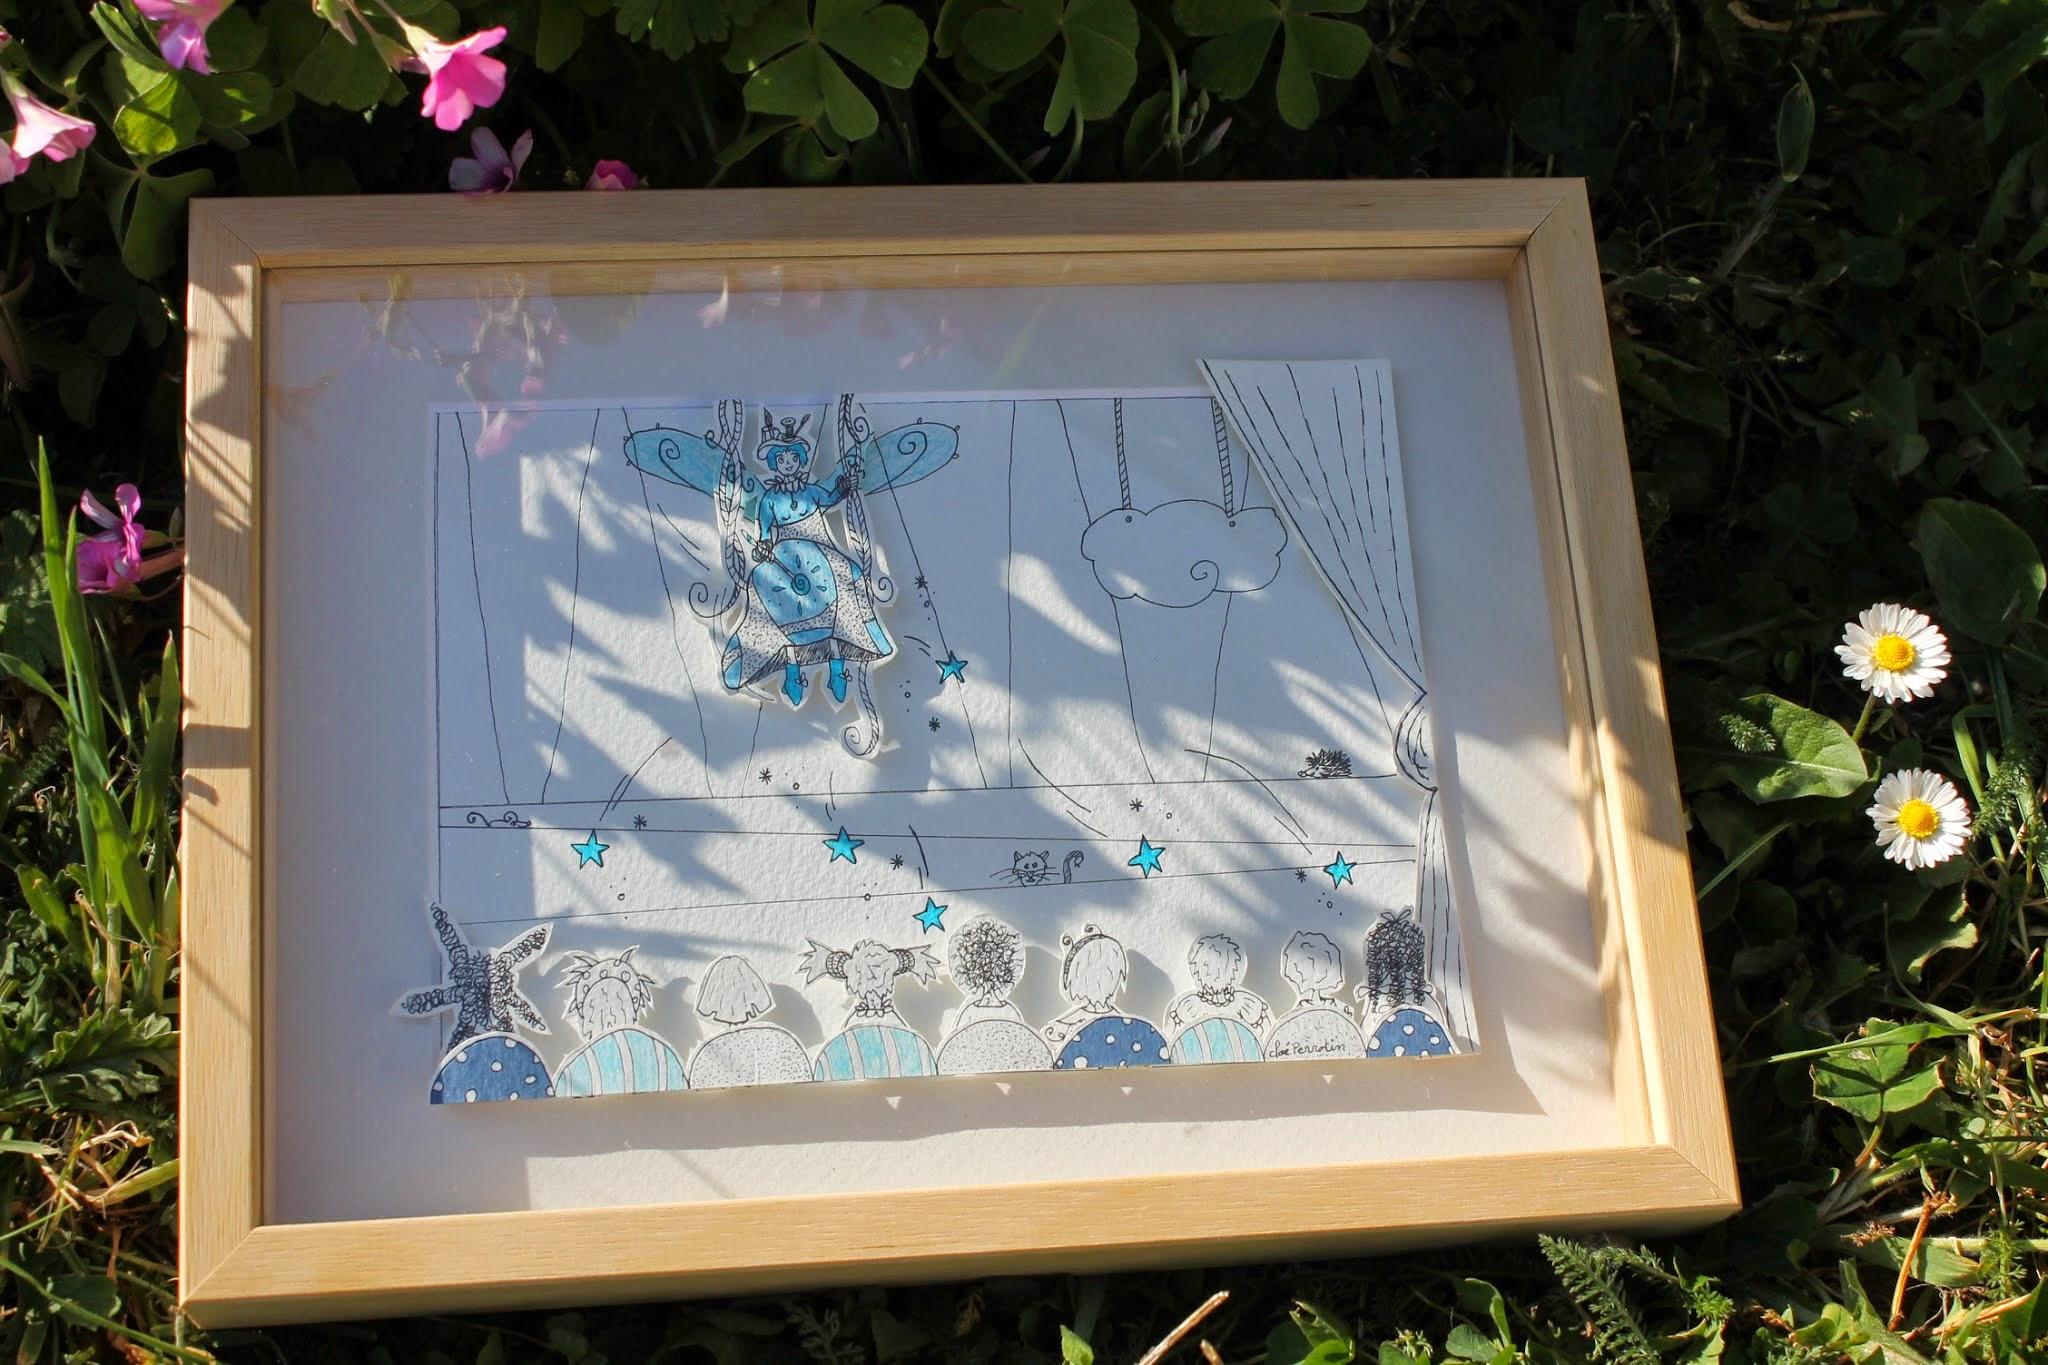 Création sur le thème du spectacle résultat du DIY papercraft pour une illustration en relief